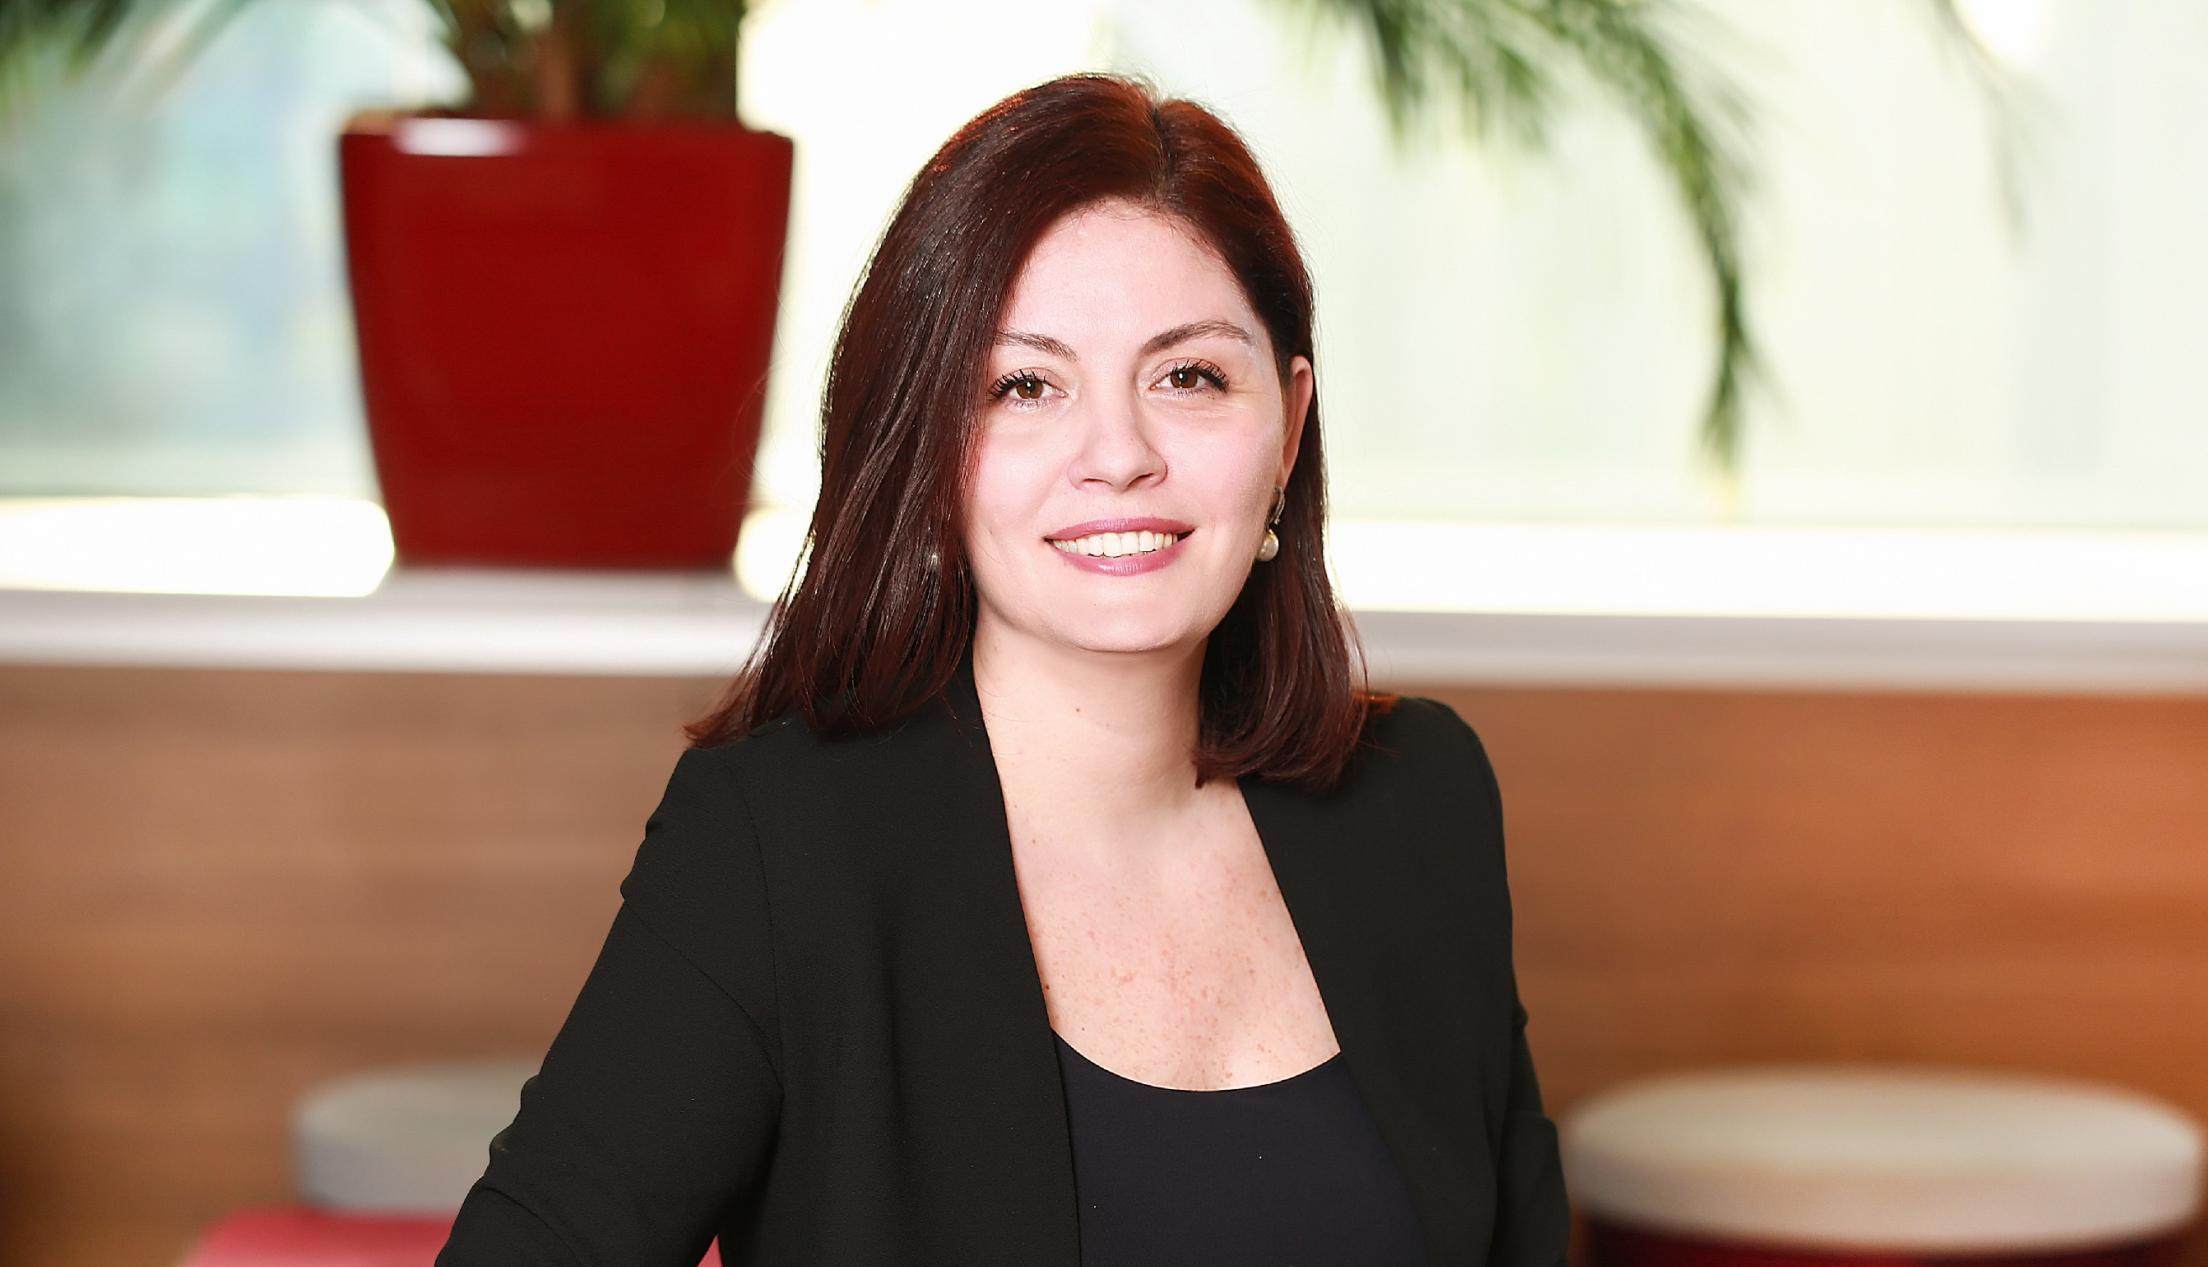 Nestlé Türkiye İçecekler İş Birimi Genel Müdürü Pınar Öney Bilsel Nestlé'nin Global Merkezi'ne Transfer Edildi